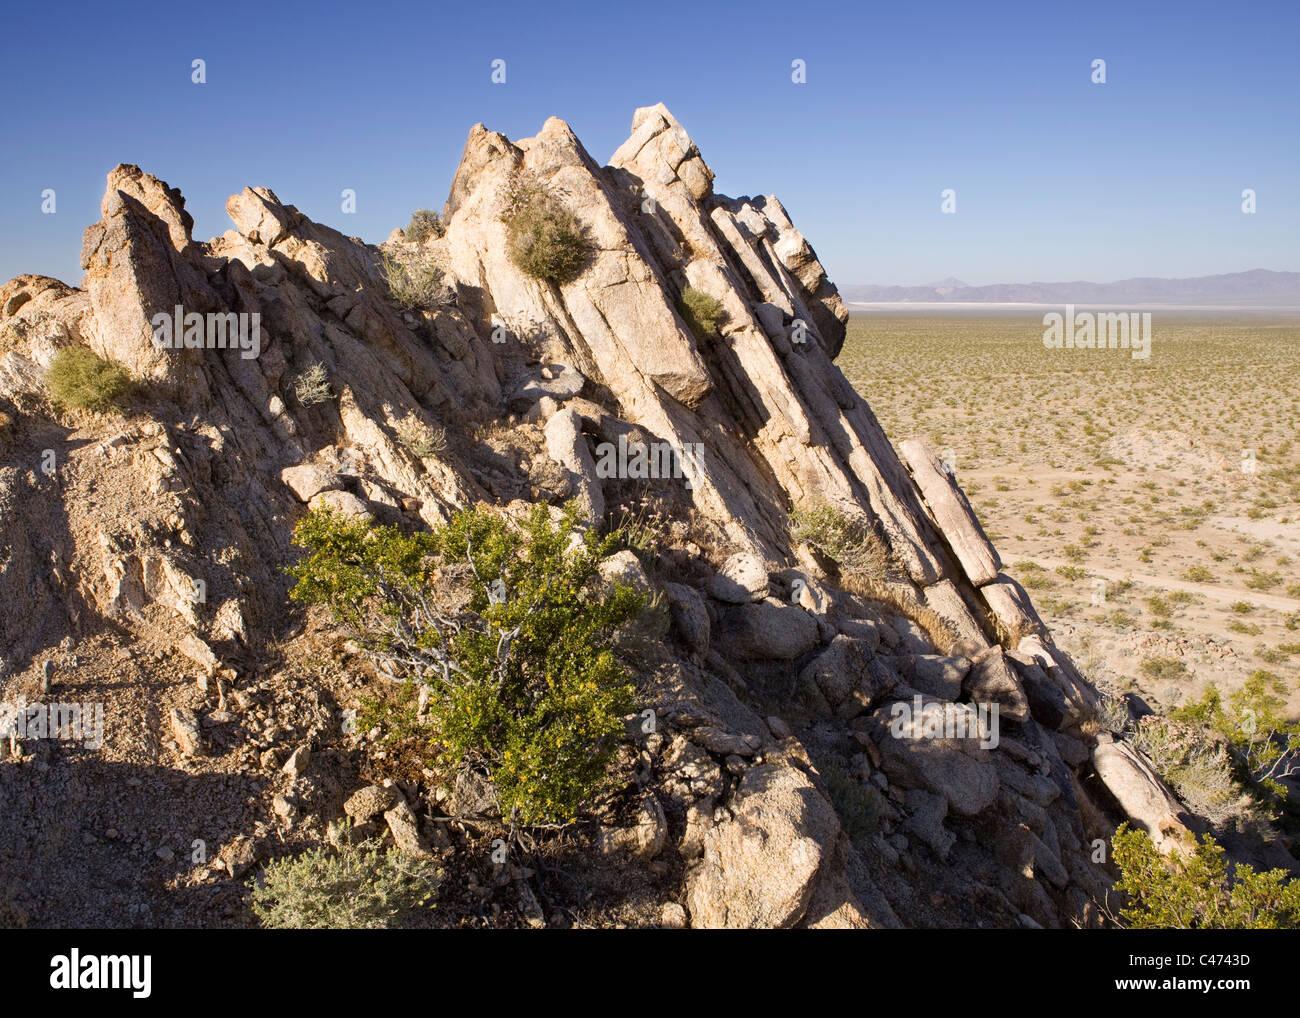 Gneis Gesteinsschichten ragen horizontal vom Boden der Mojave-Wüste Boden - Kalifornien USA Stockbild